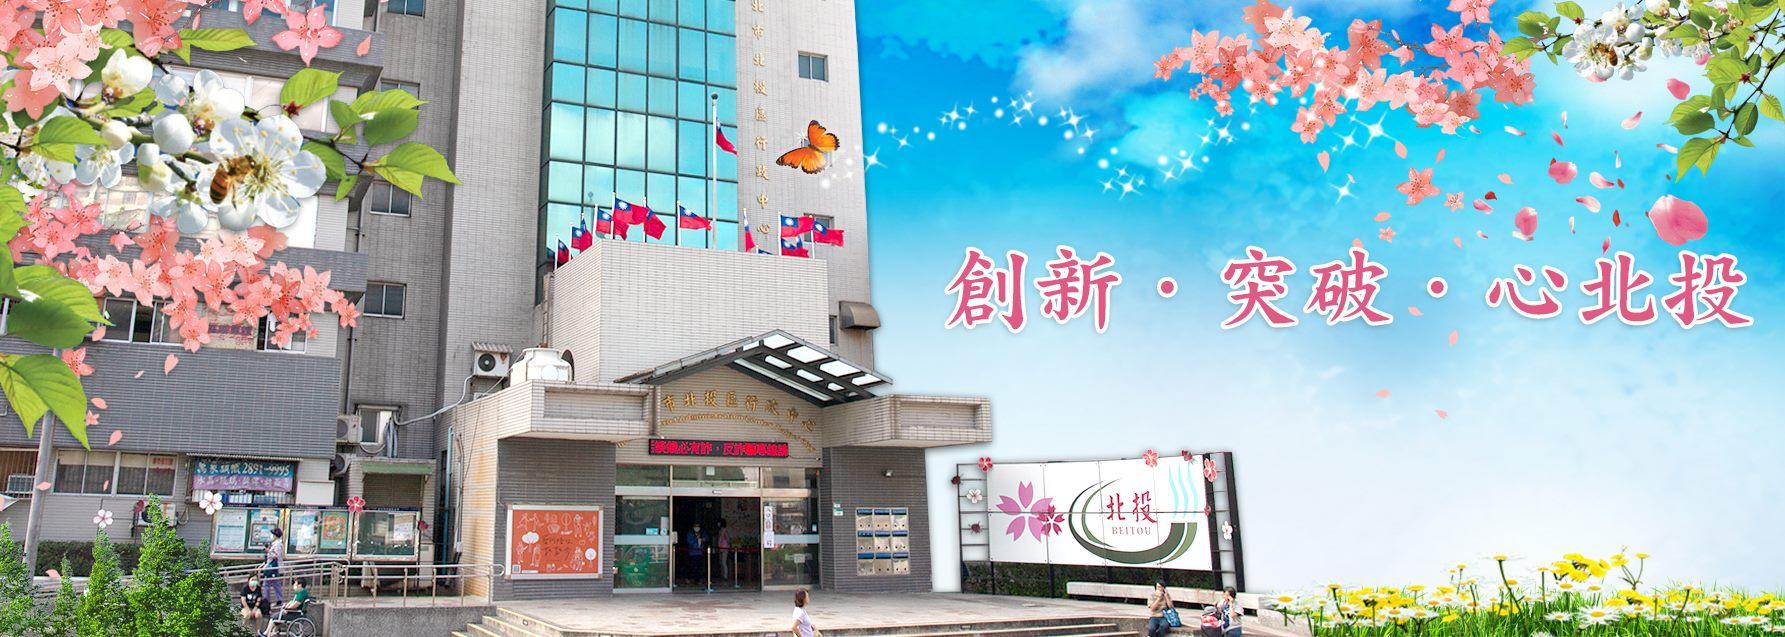 北投區行政中心大樓